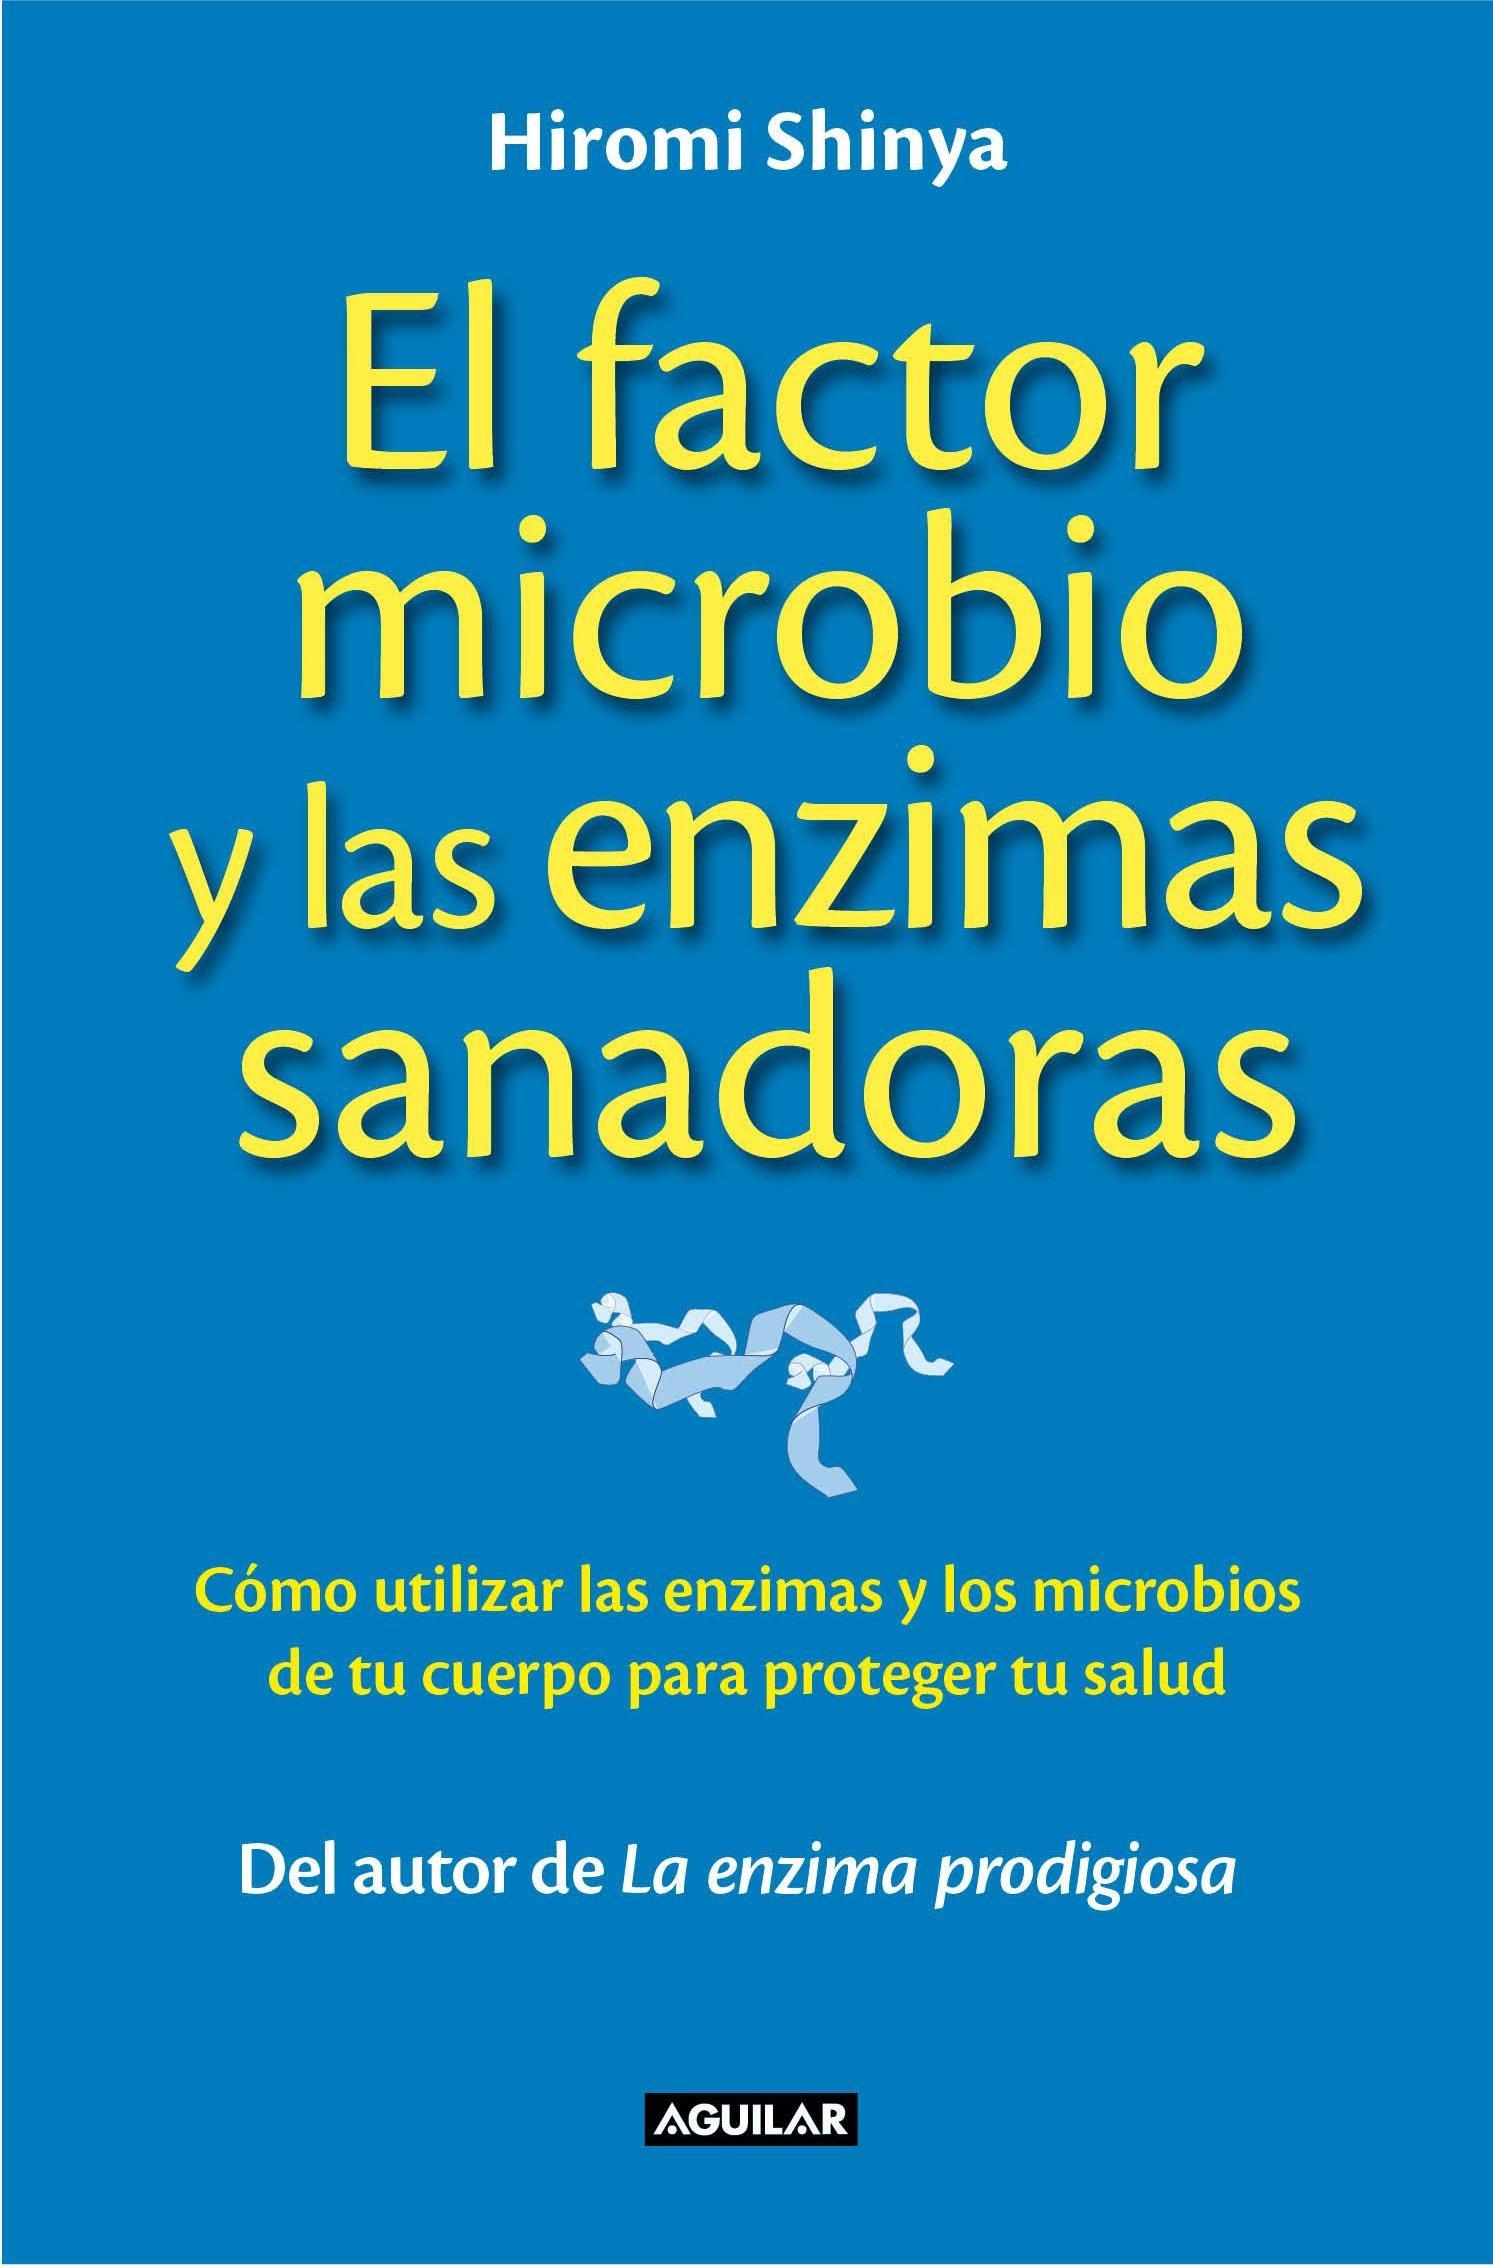 El factor microbio y las enzimas sanadoras: Amazon.es: Hiromi Shinya: Libros